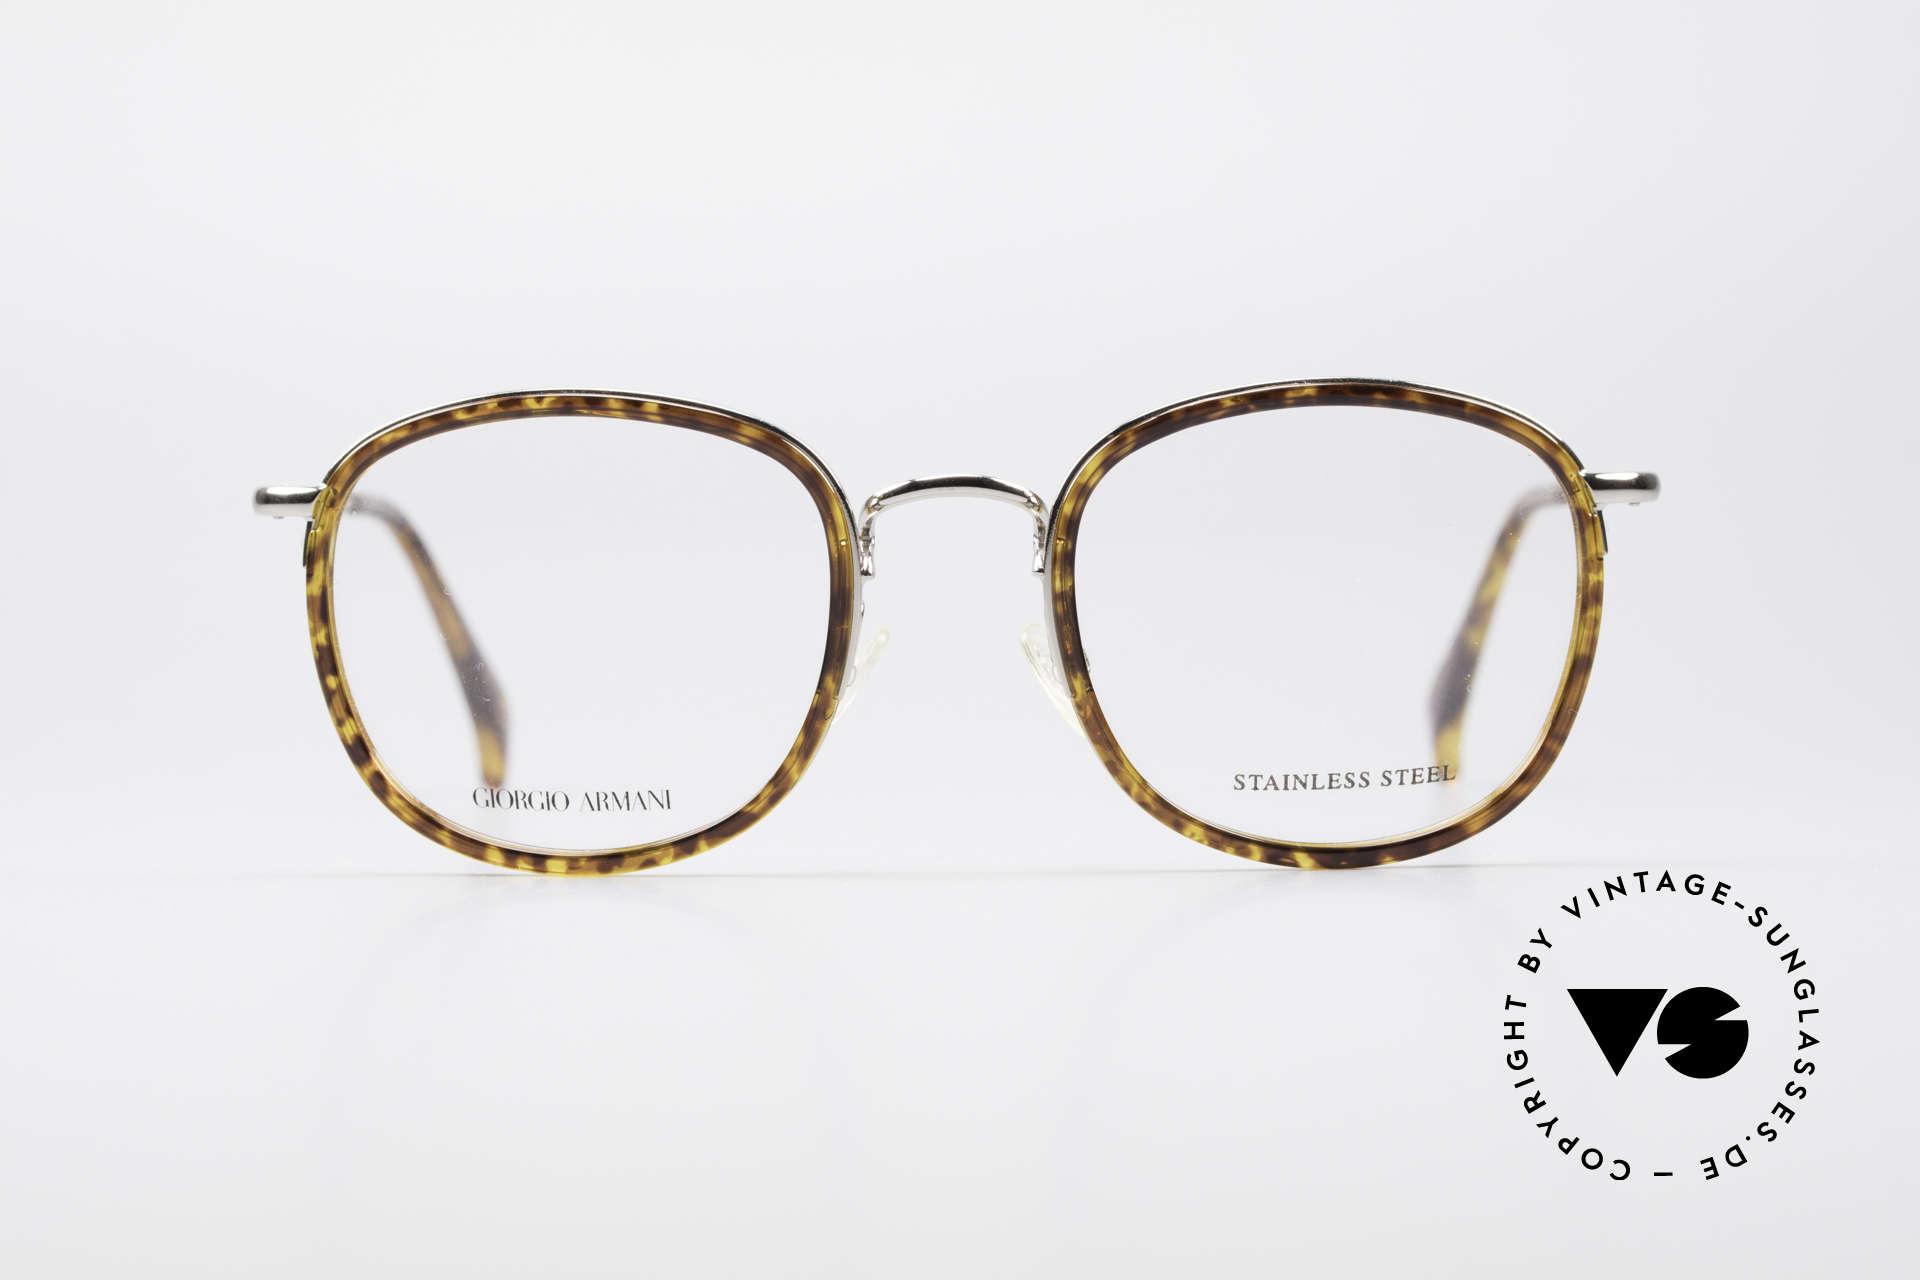 Giorgio Armani 863 Square Panto Eyeglass-Frame, square 'panto design' with discreet elegant coloring, Made for Men